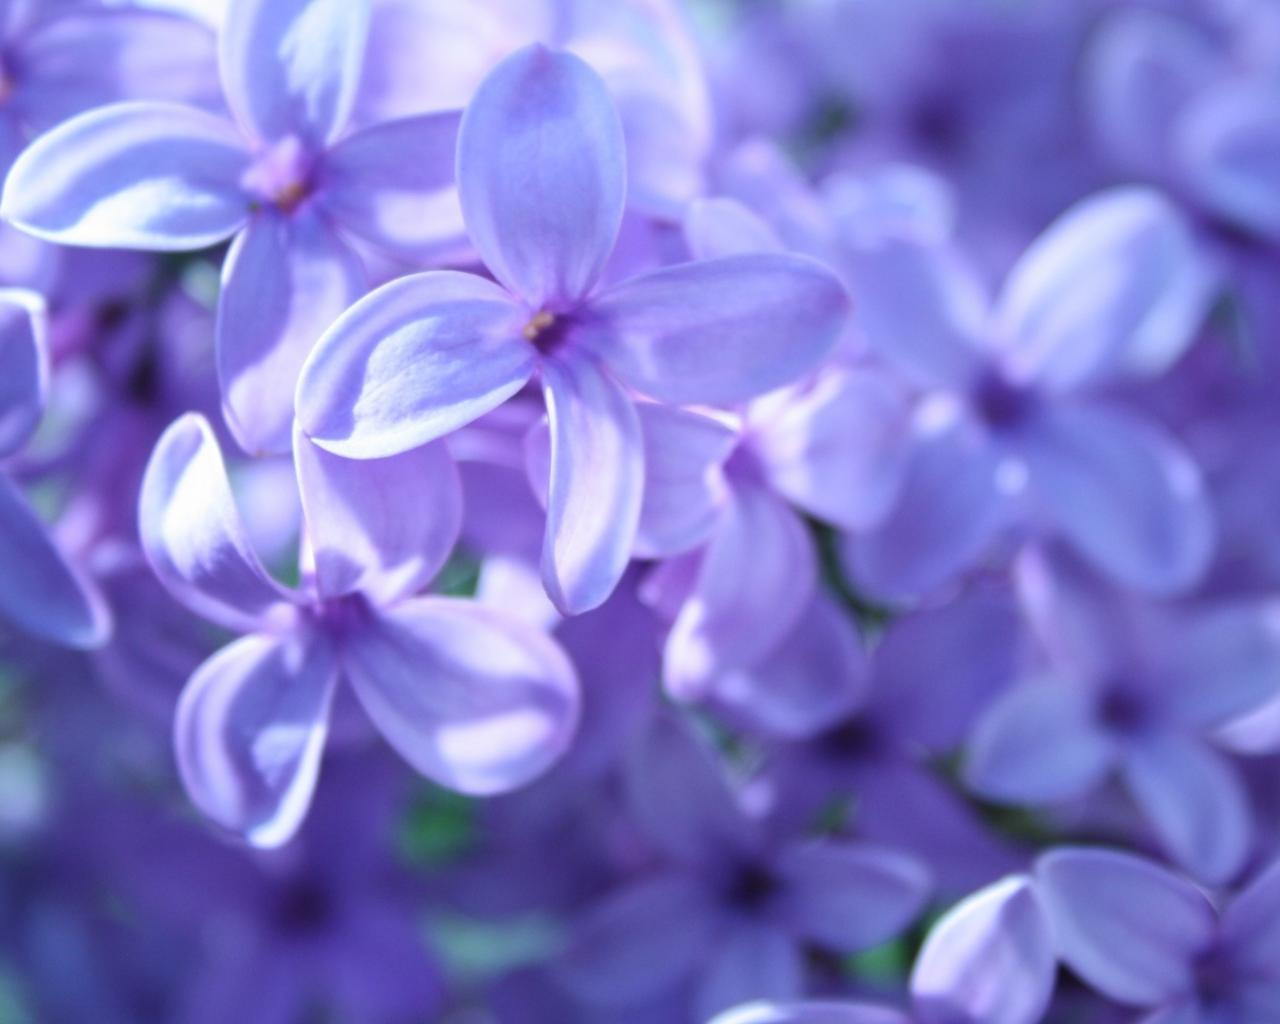 Цветы весна сирень цветы макро 1280x1024